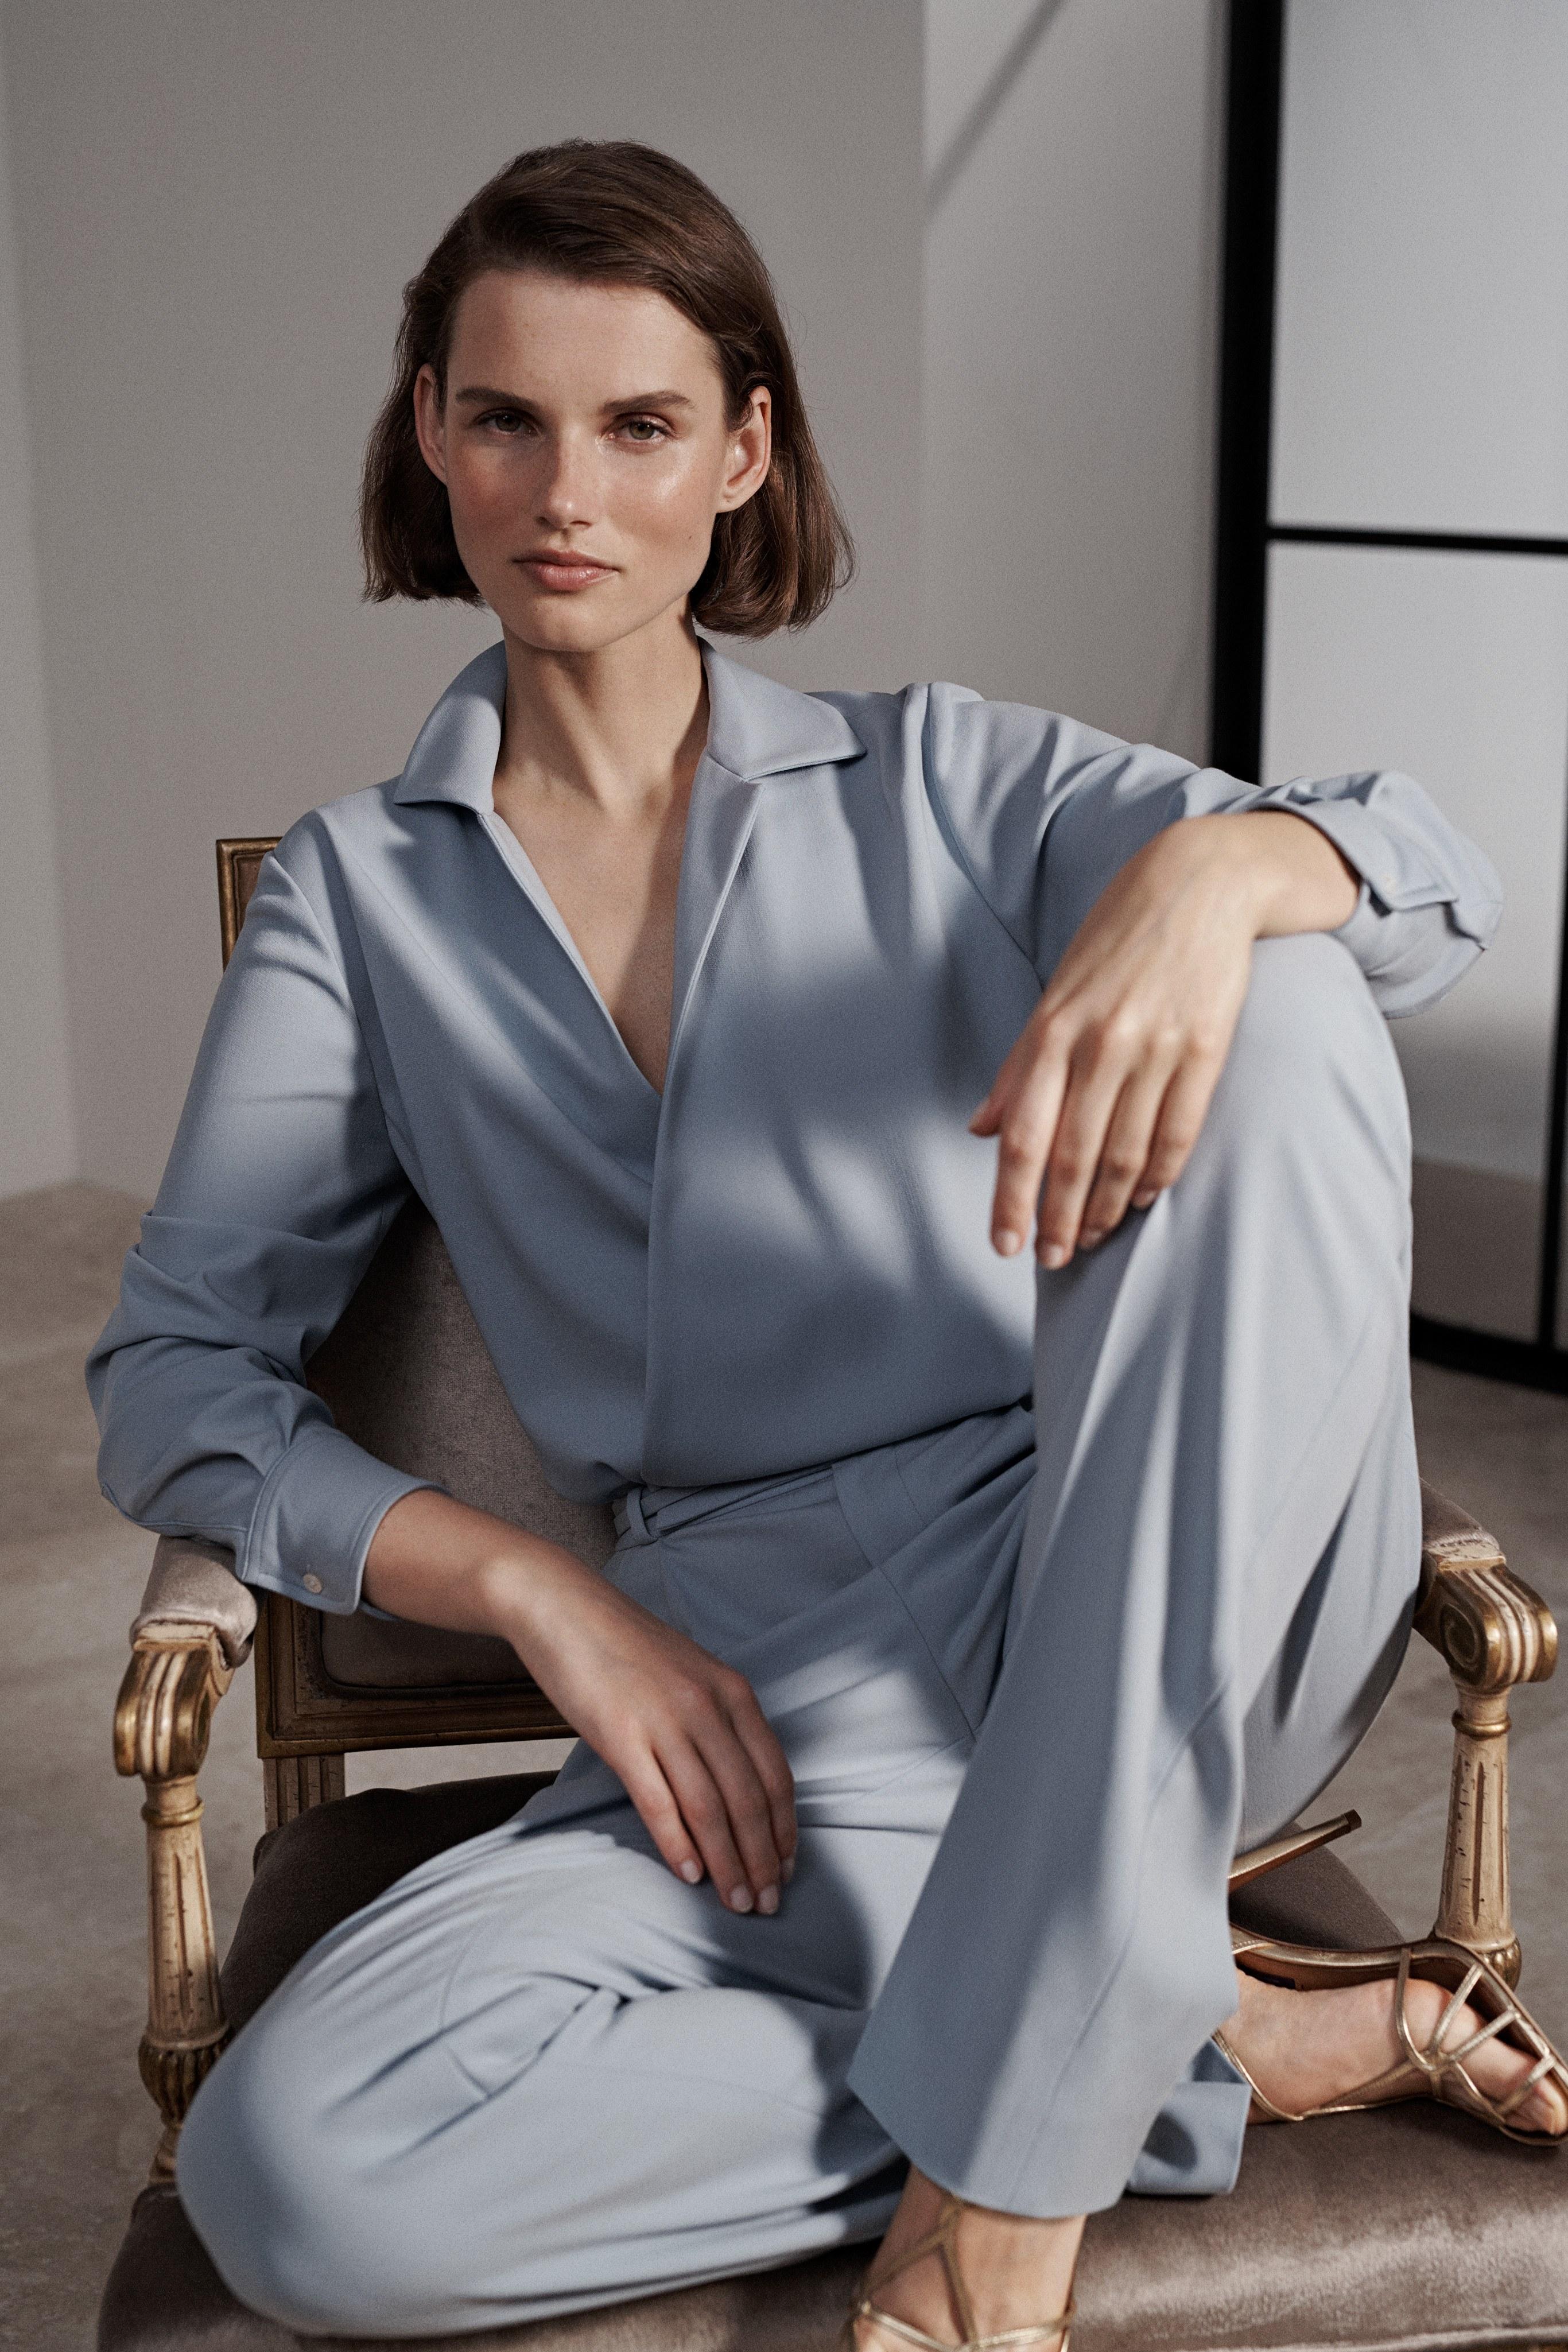 00014-Ralph-Lauren-Vogue-Resort-2019-pr